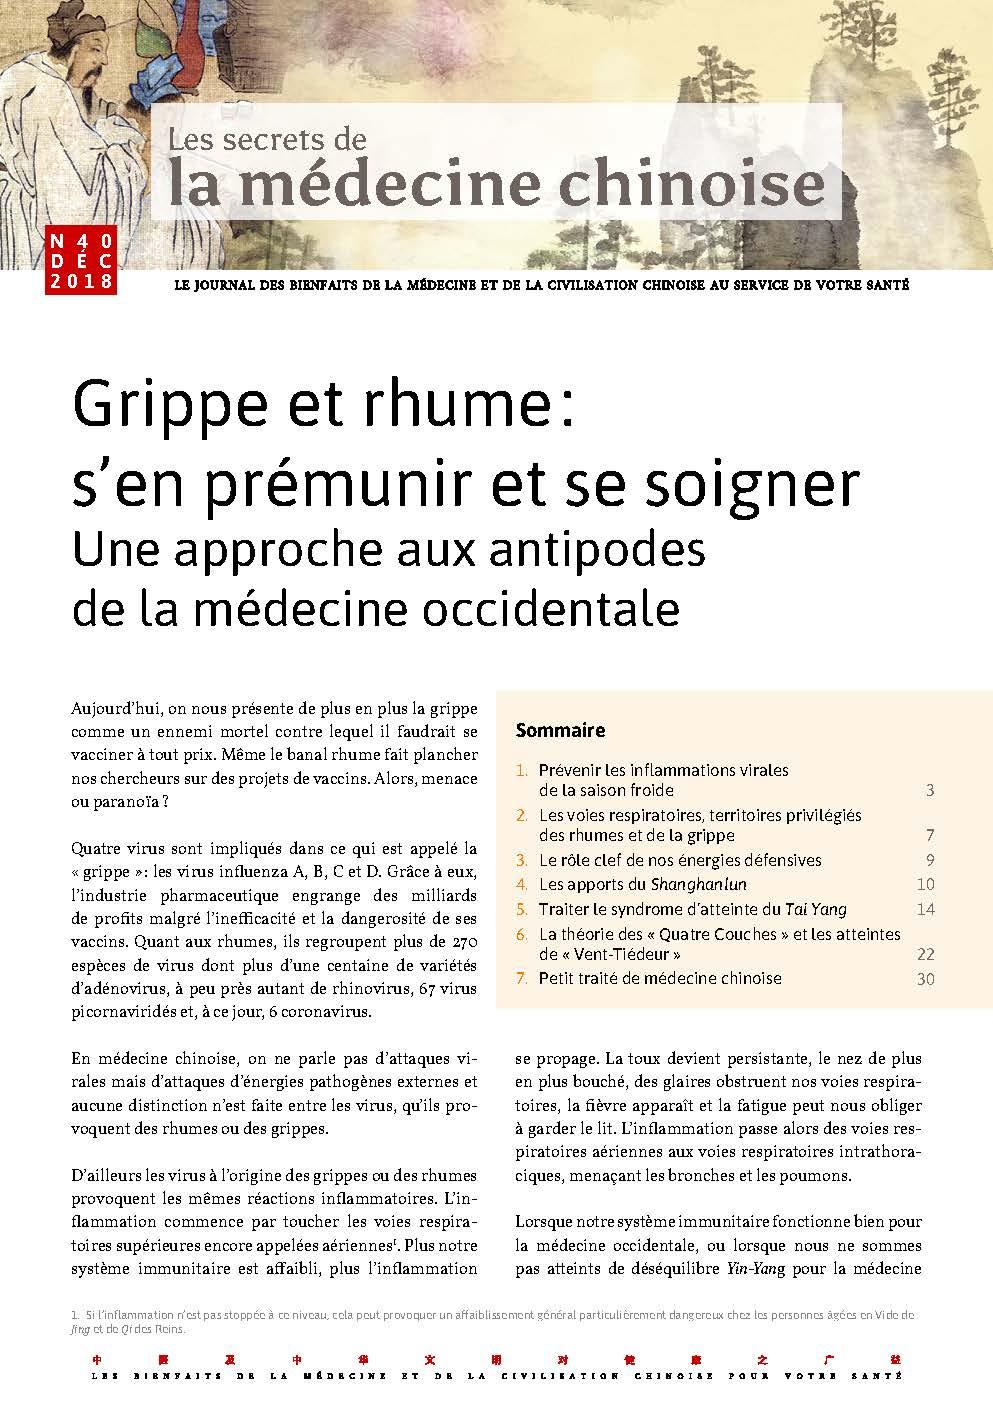 40-Decembre-2018-Grippe-et-rhume-s-en-premunir-et-se-soigner-SD